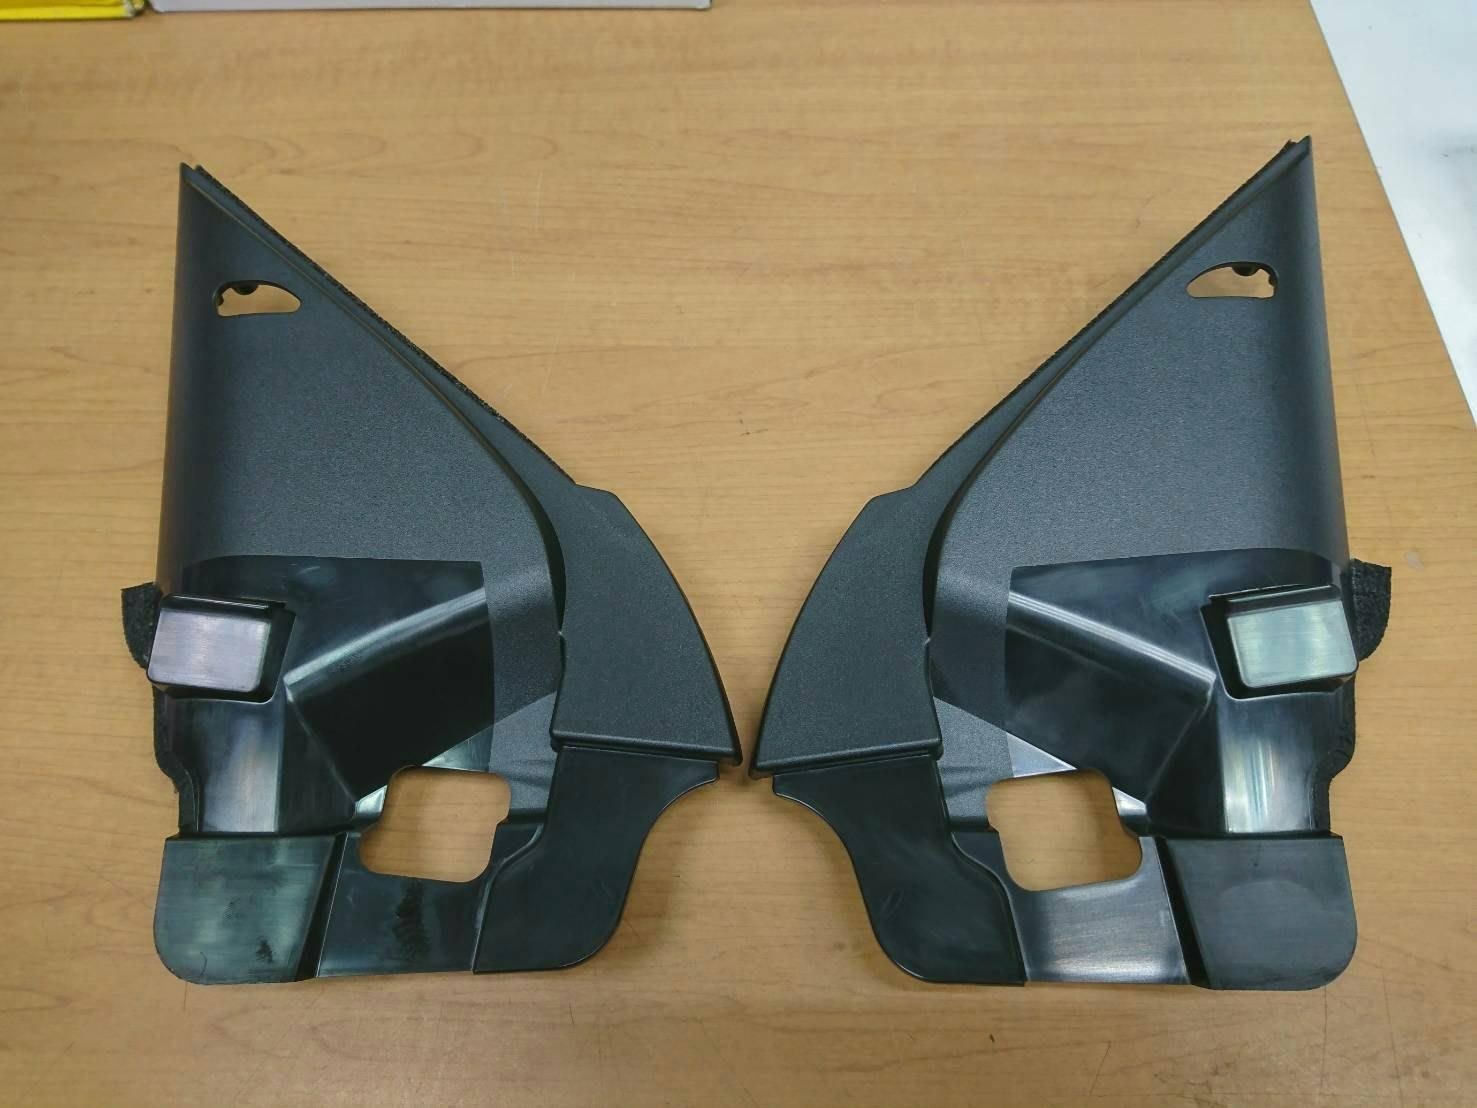 NISSAN全車系T32照後鏡內飾蓋C12 TEANA DE A32 K11 TIIDA G11 LIVINA B17